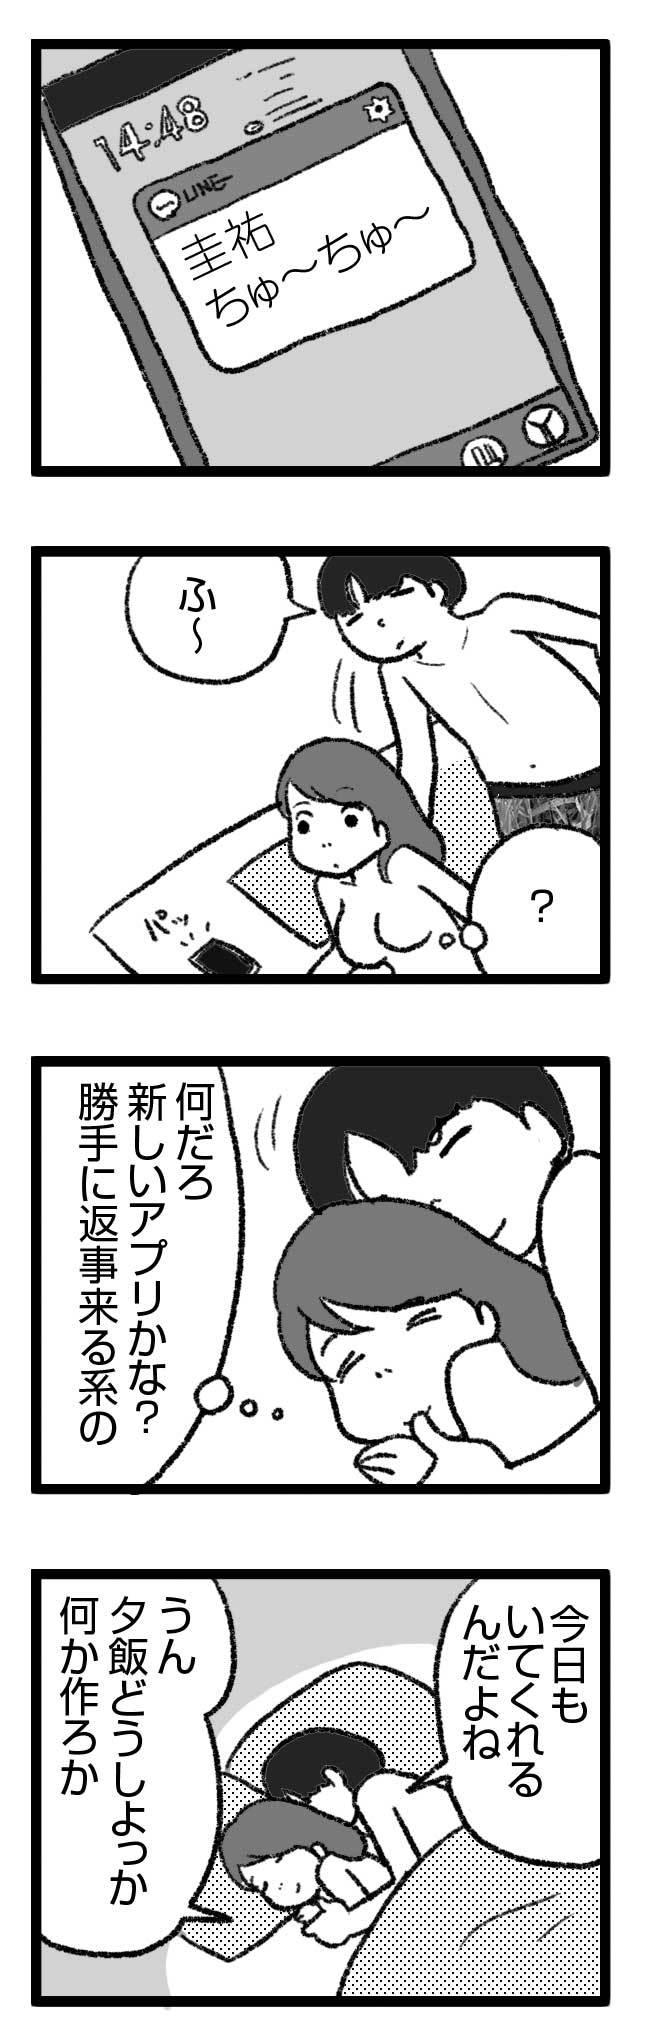 571 マキの足跡 2 浮気 フタマタ 二股 後 別居 離婚 射精 障害 まんが 漫画 マンガ